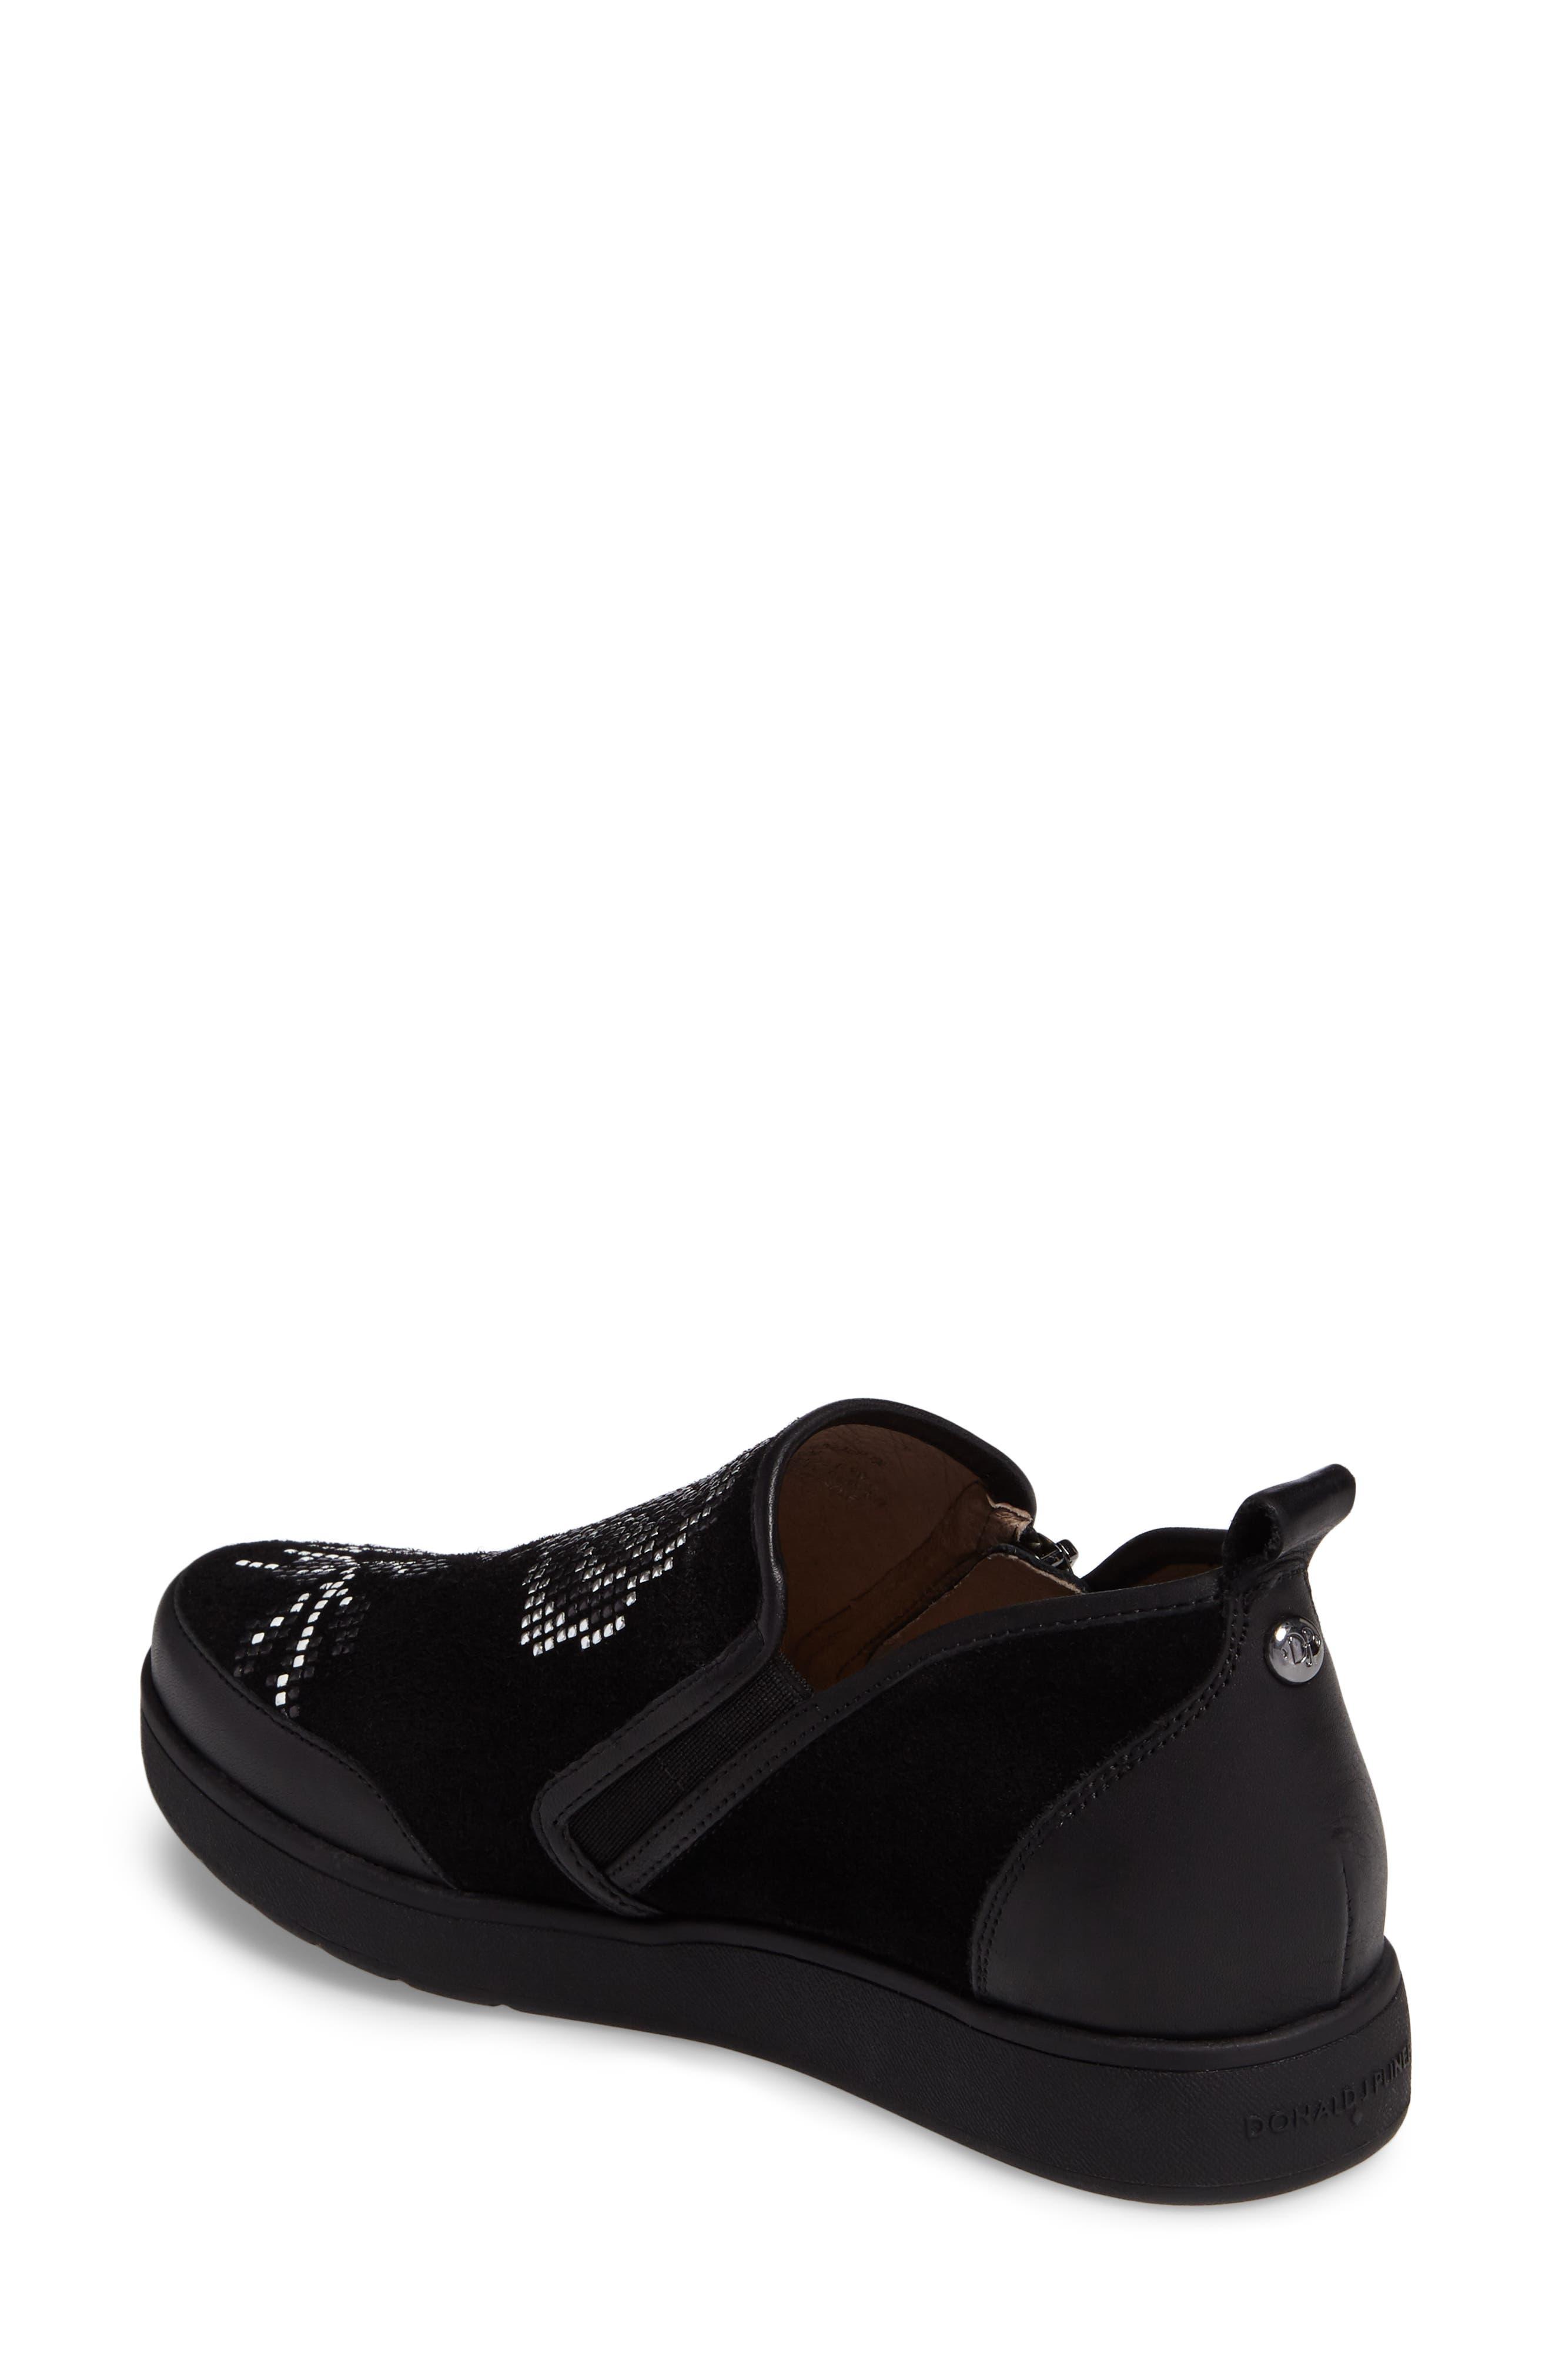 Donald J Pliner Mylasp Embellished Sneaker,                             Alternate thumbnail 2, color,                             001